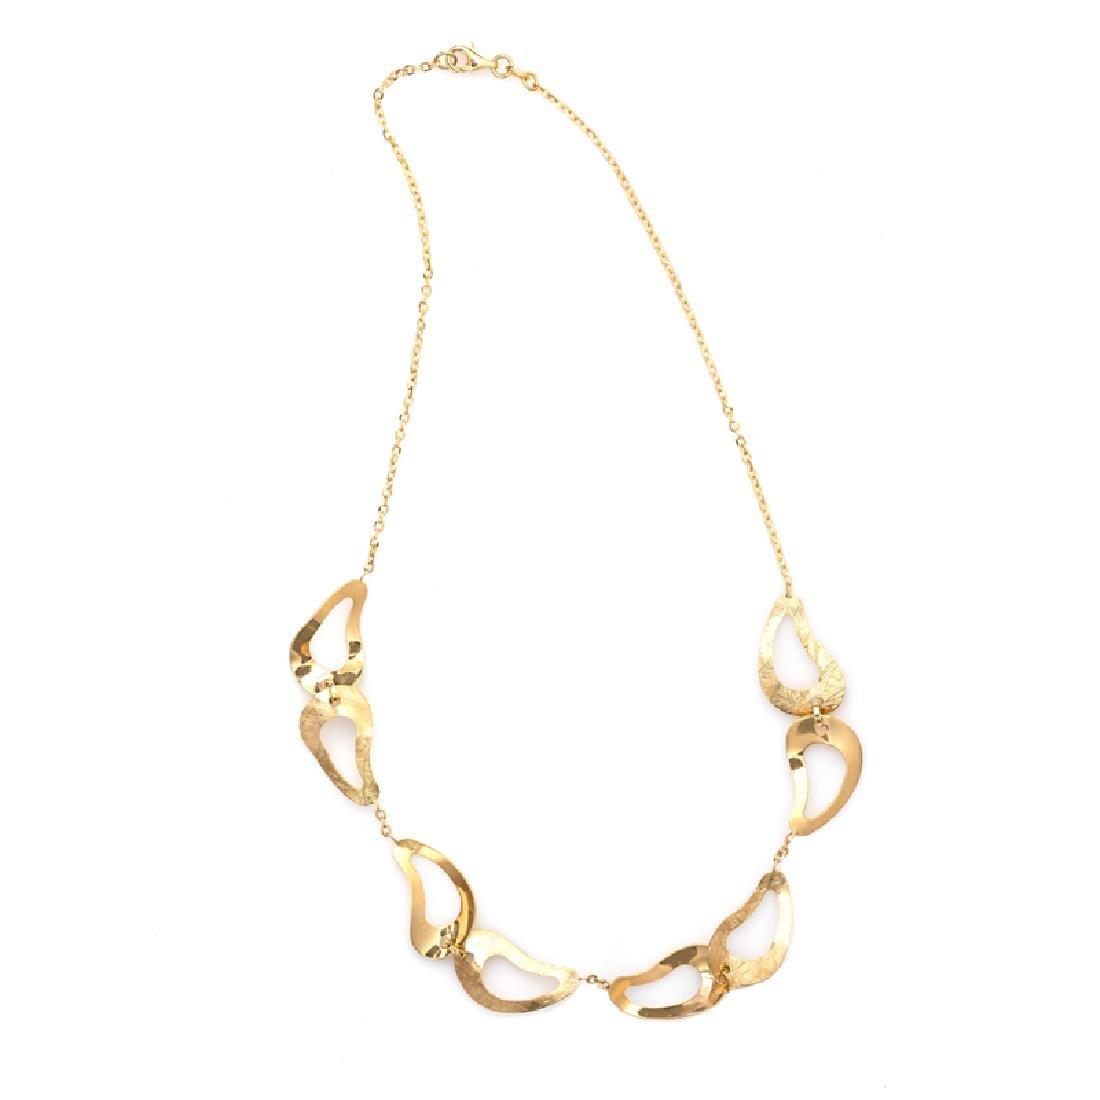 *Fine Jewelry 14KT Gold, Diamond Cut, Oval Link, 9.6GR.